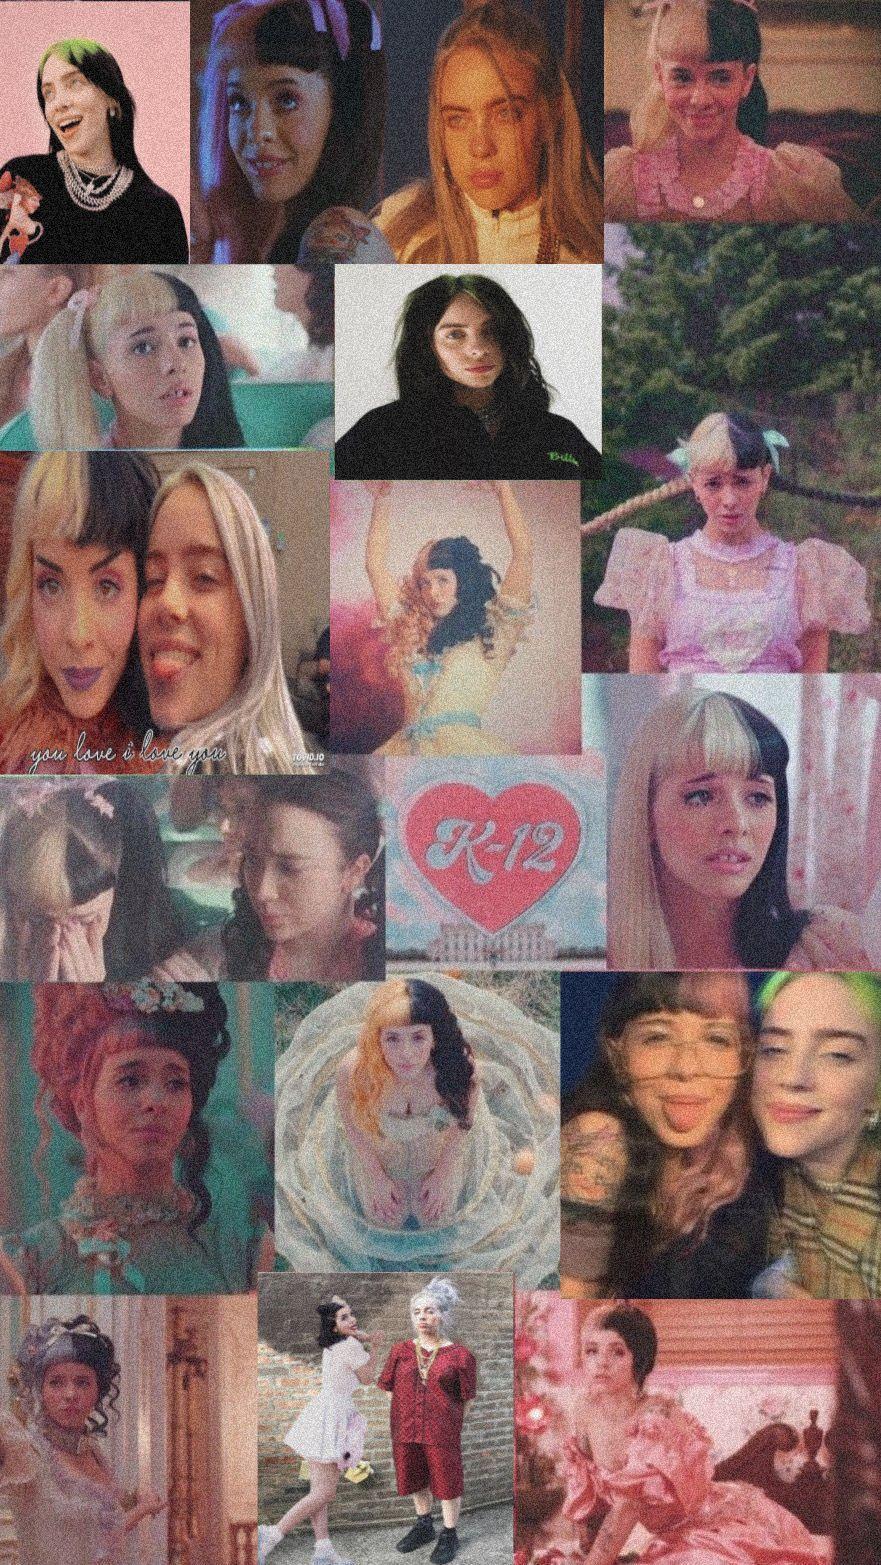 Abbiemaguire7 Melanie Martinez And Billie Eilish Wallpaper Melanie Martinez Melanie Martinez Music Billie Eilish